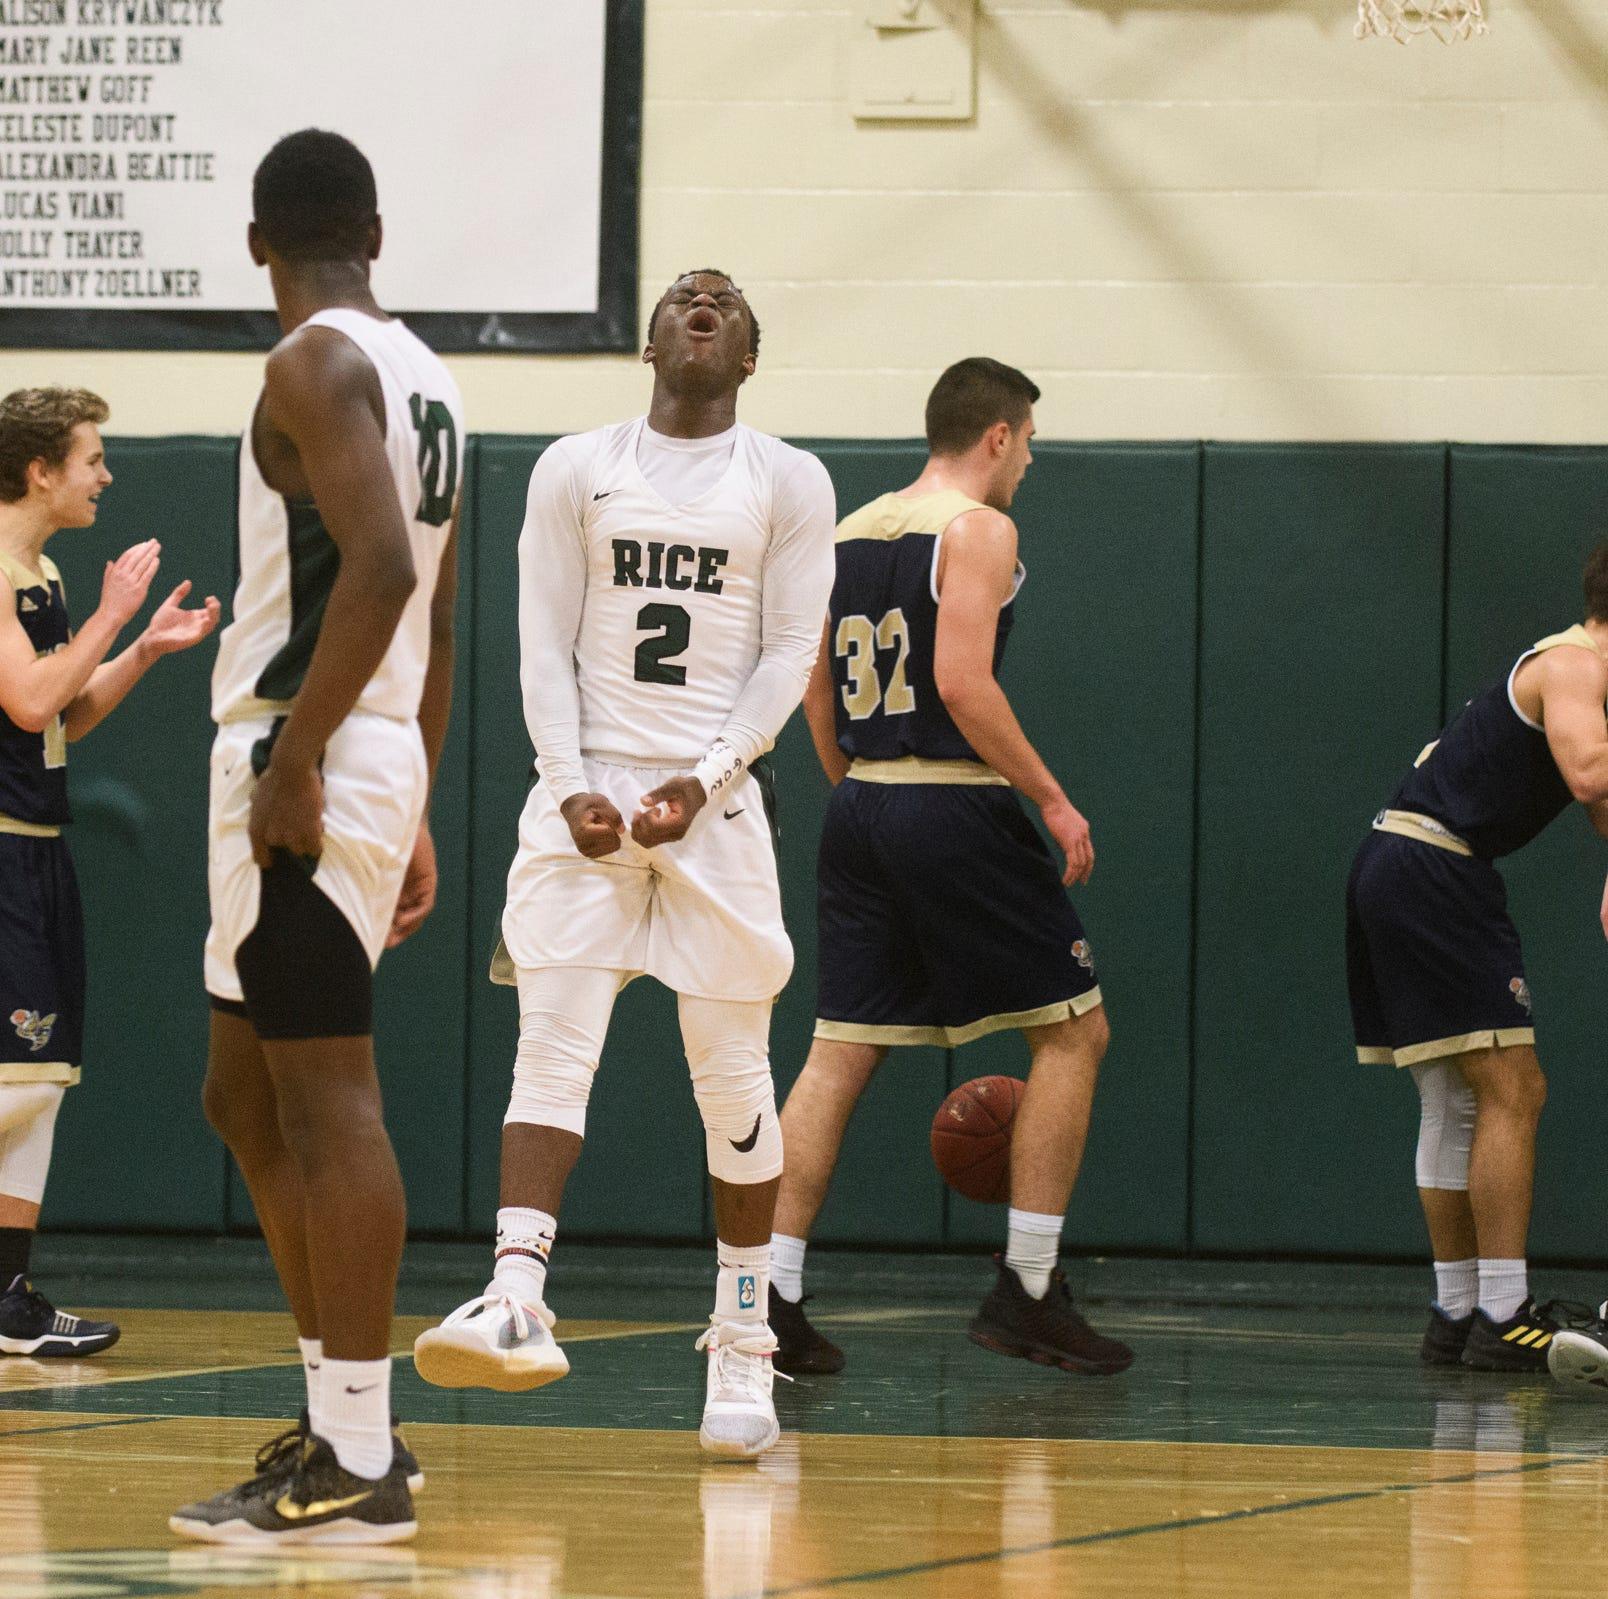 Vermont high school playoffs: No. 1 Rice survives Essex's upset bid